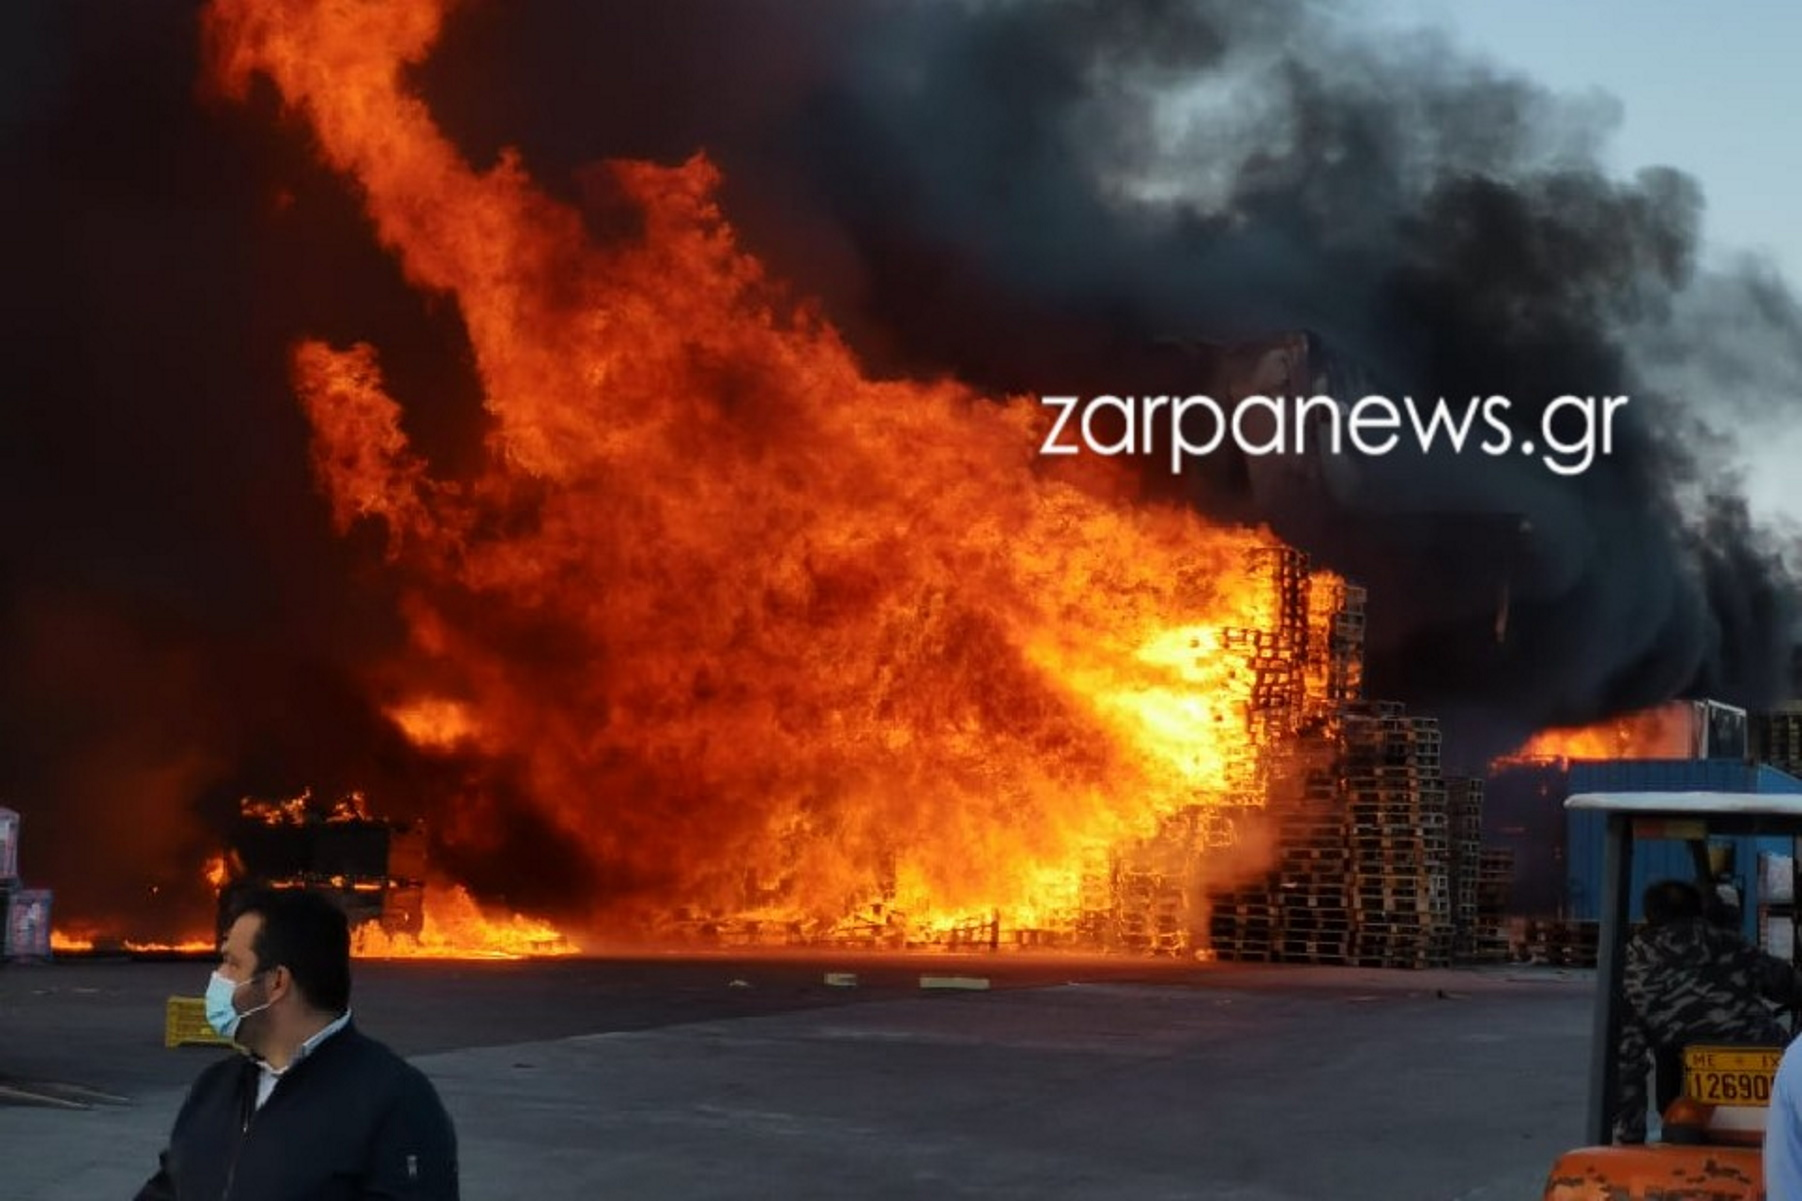 Χανιά: Mεγάλη φωτιά σε μεταφορική εταιρία – Ακούγονταν εκρήξεις (pics)